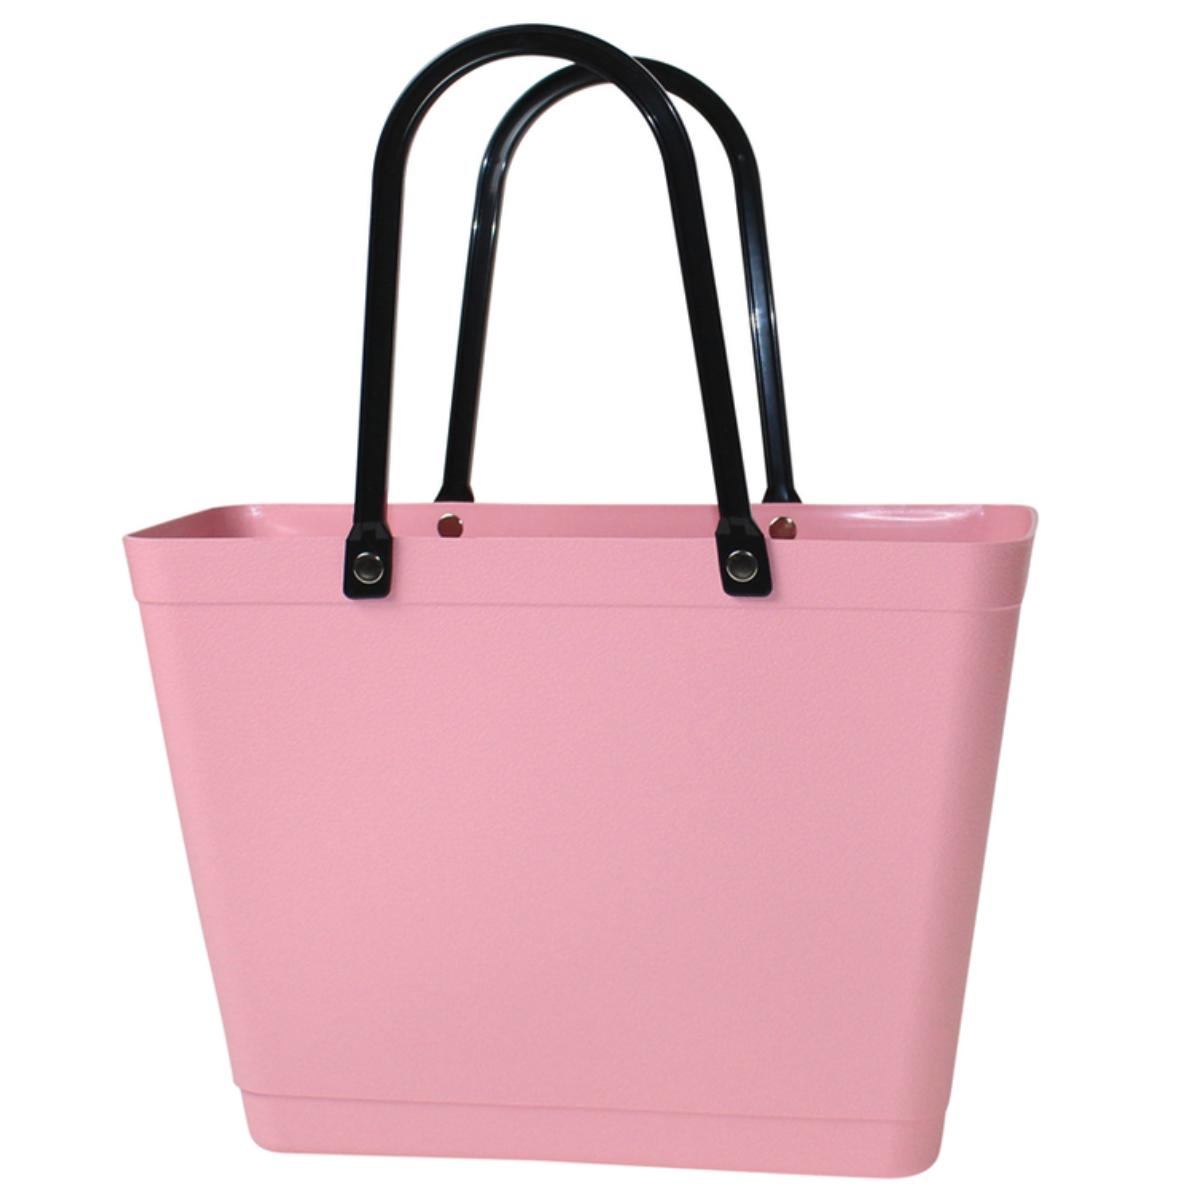 """perstorptasche """"sweden bag klein"""", 32 x 12 x 22 cm (henkel 16,5 cm), 100 % recycelbares polyethylen, perstorpdesign"""